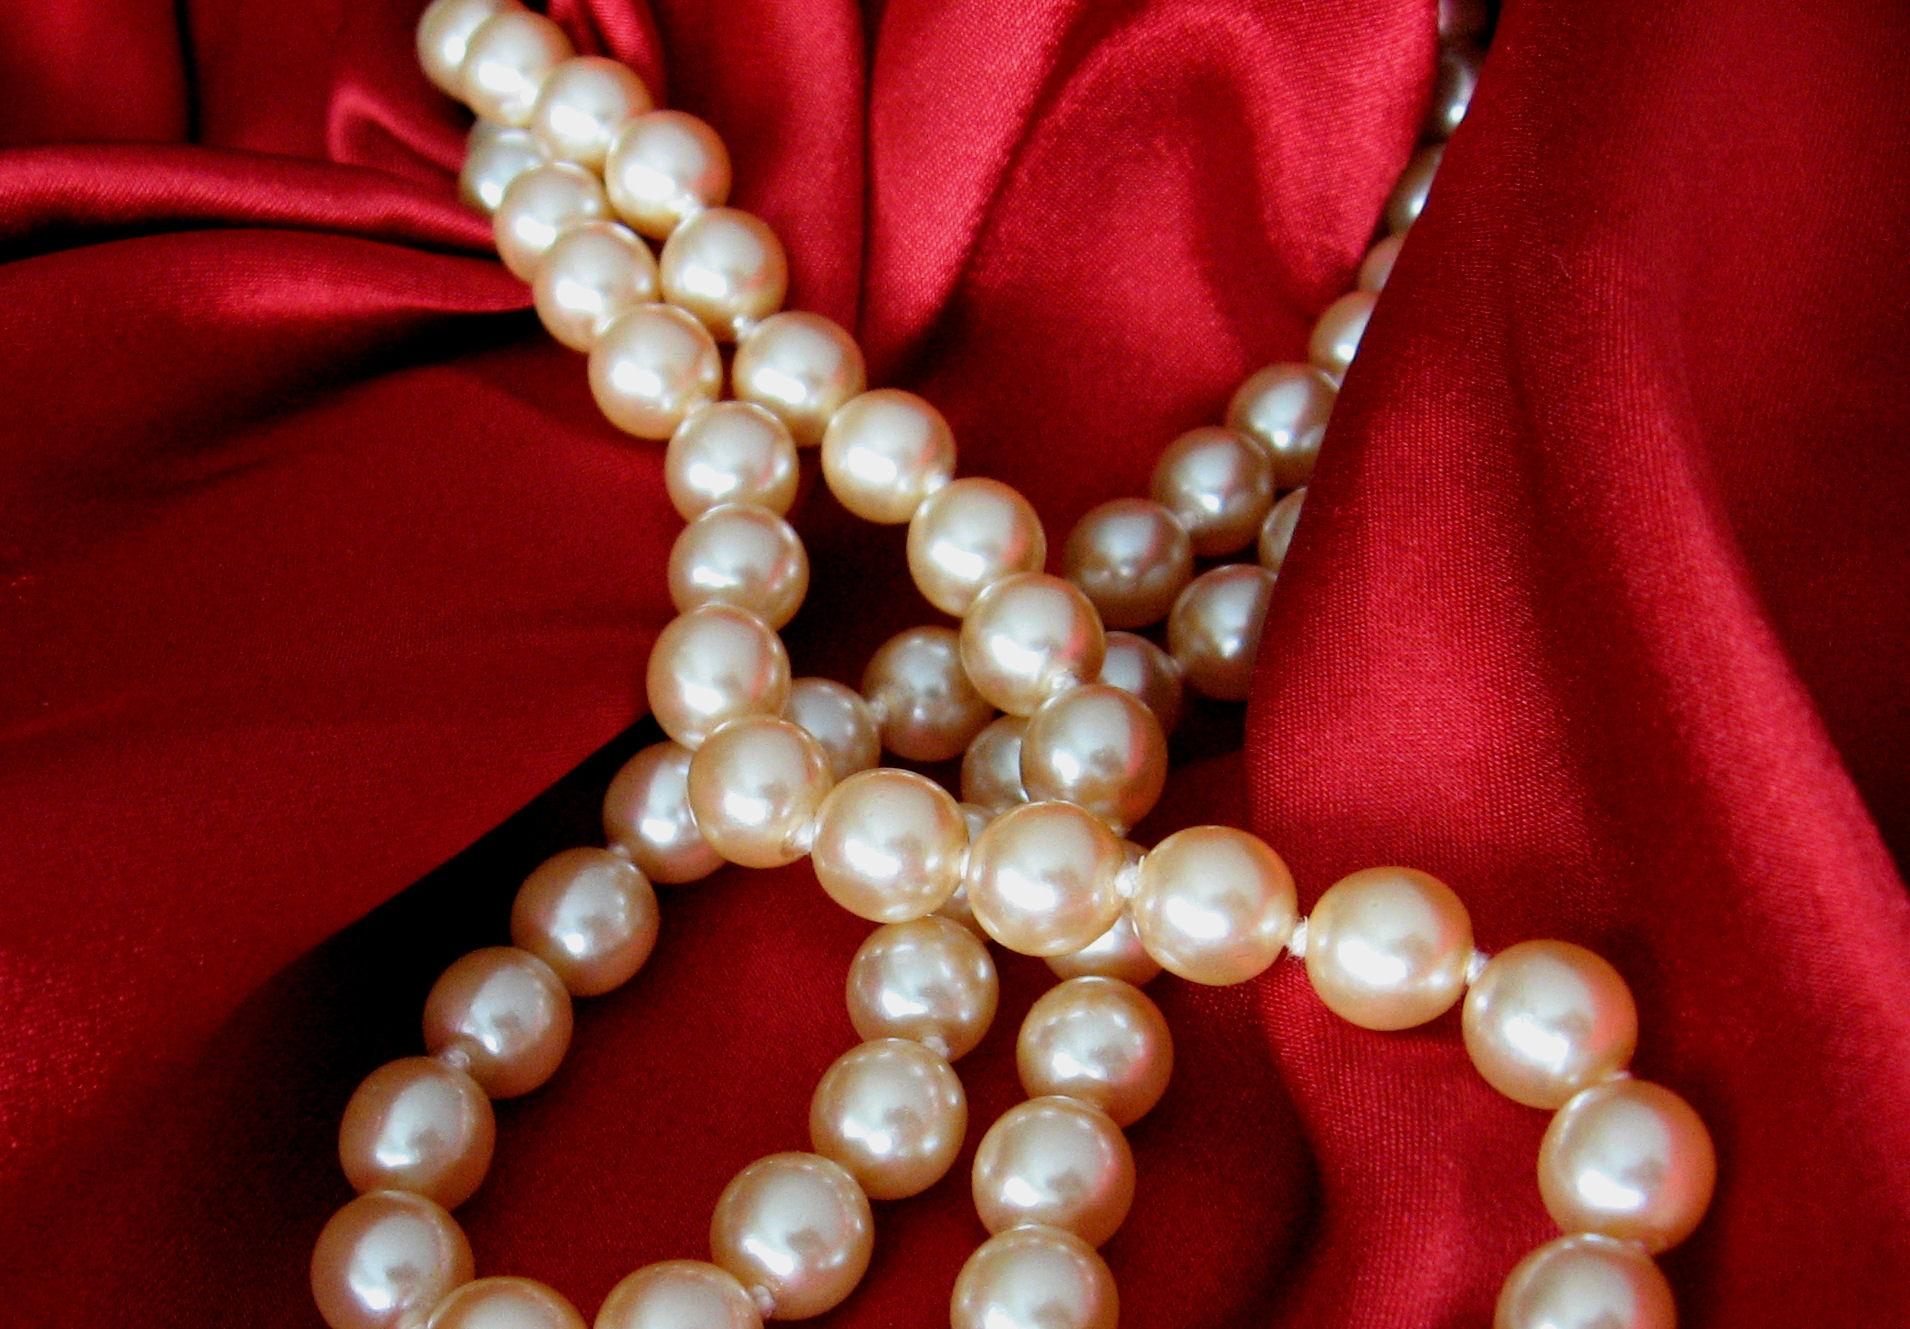 Stylizacje z perłami – do czego można je zakładać?